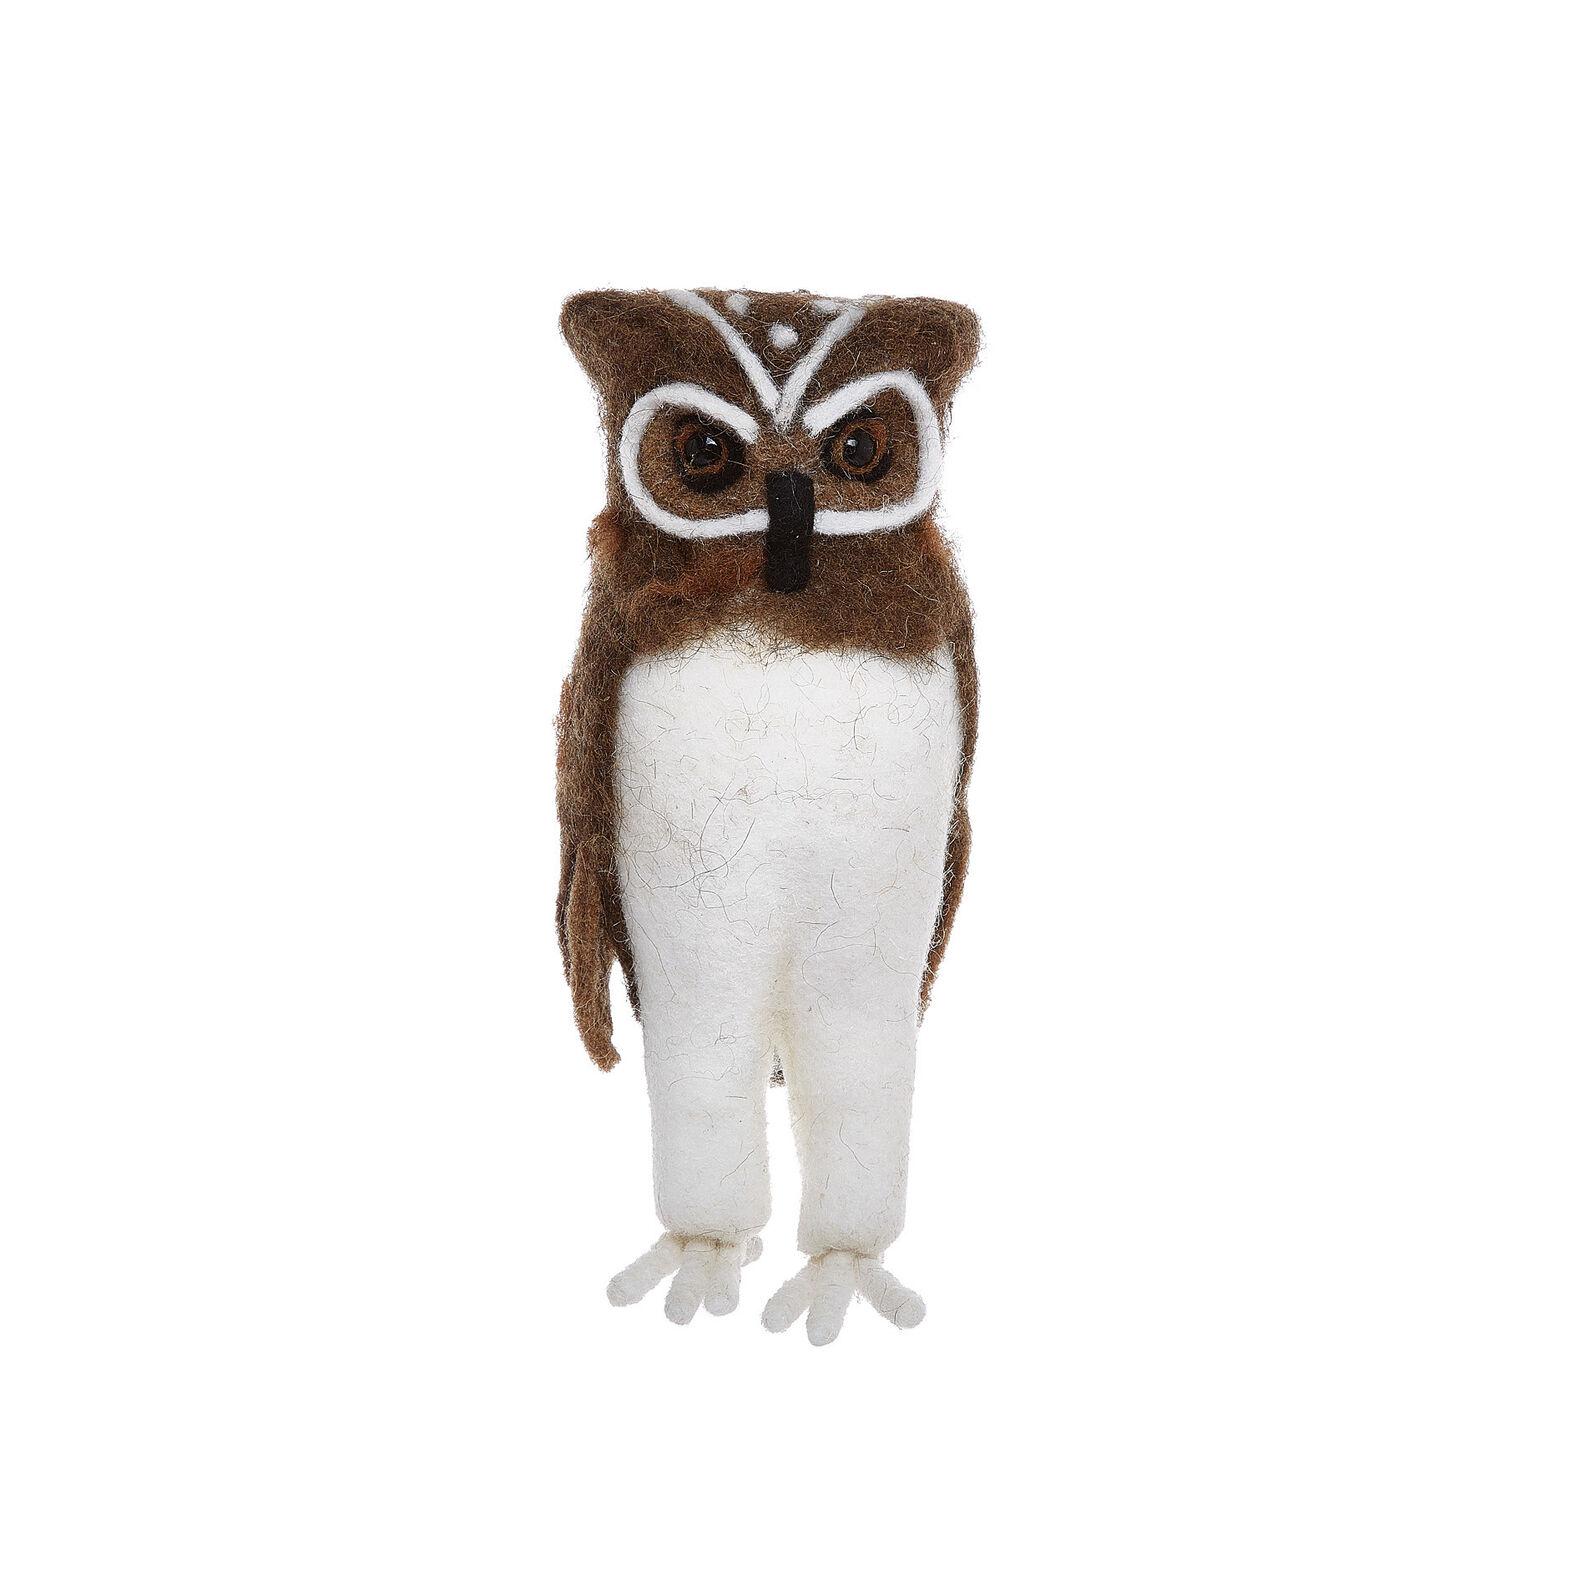 Owl soft toy in felt